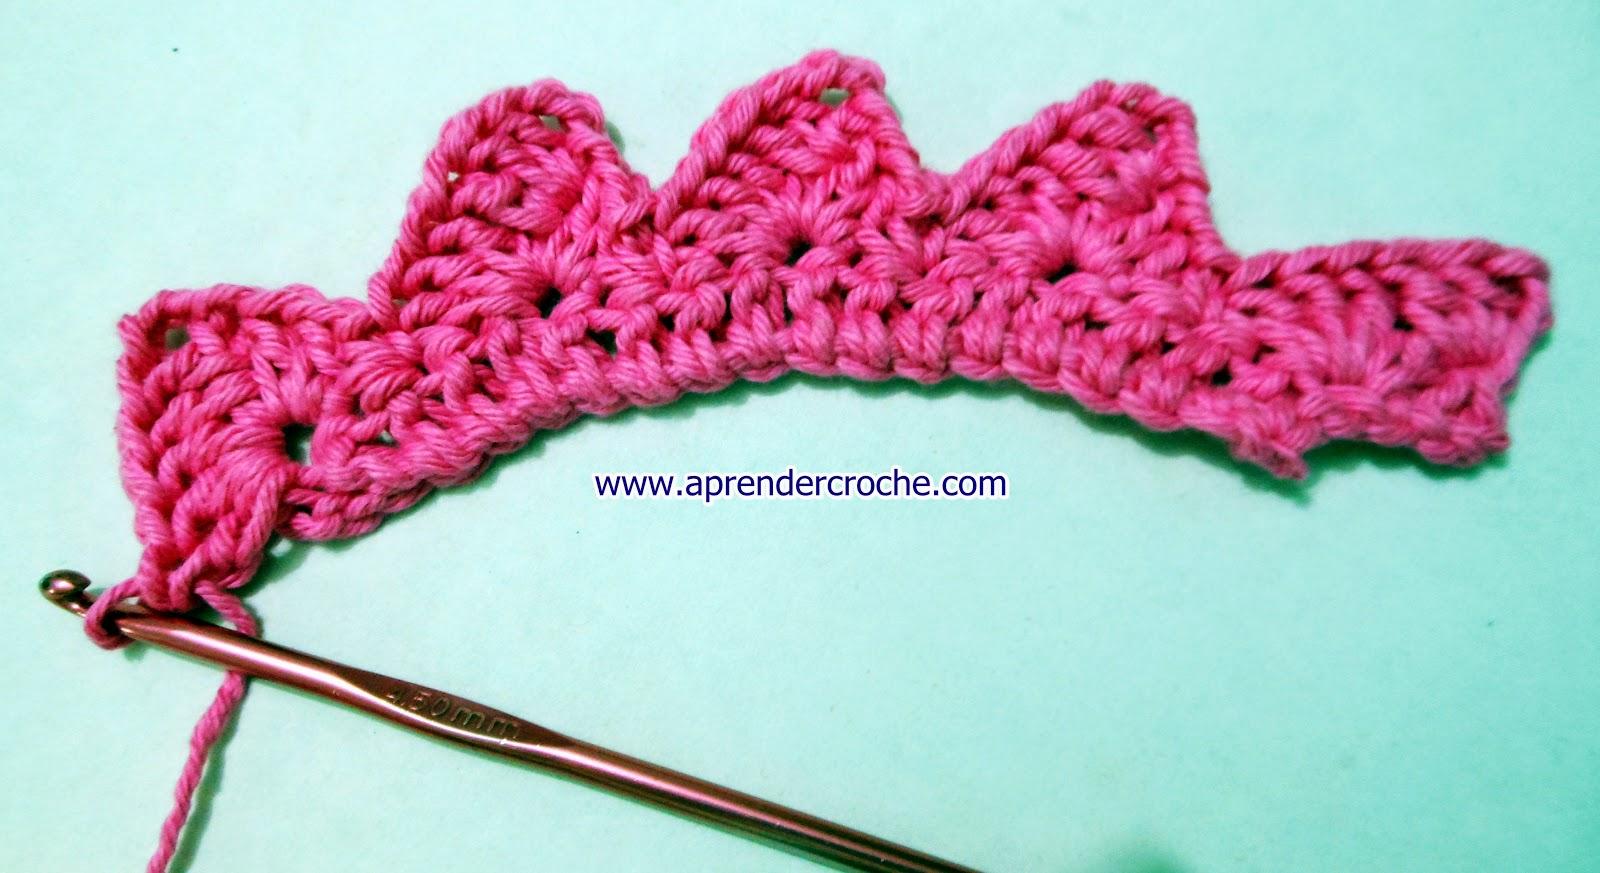 barrados croche rosa maxcolor prosperidade edinir-croche blog aprender croche dvd